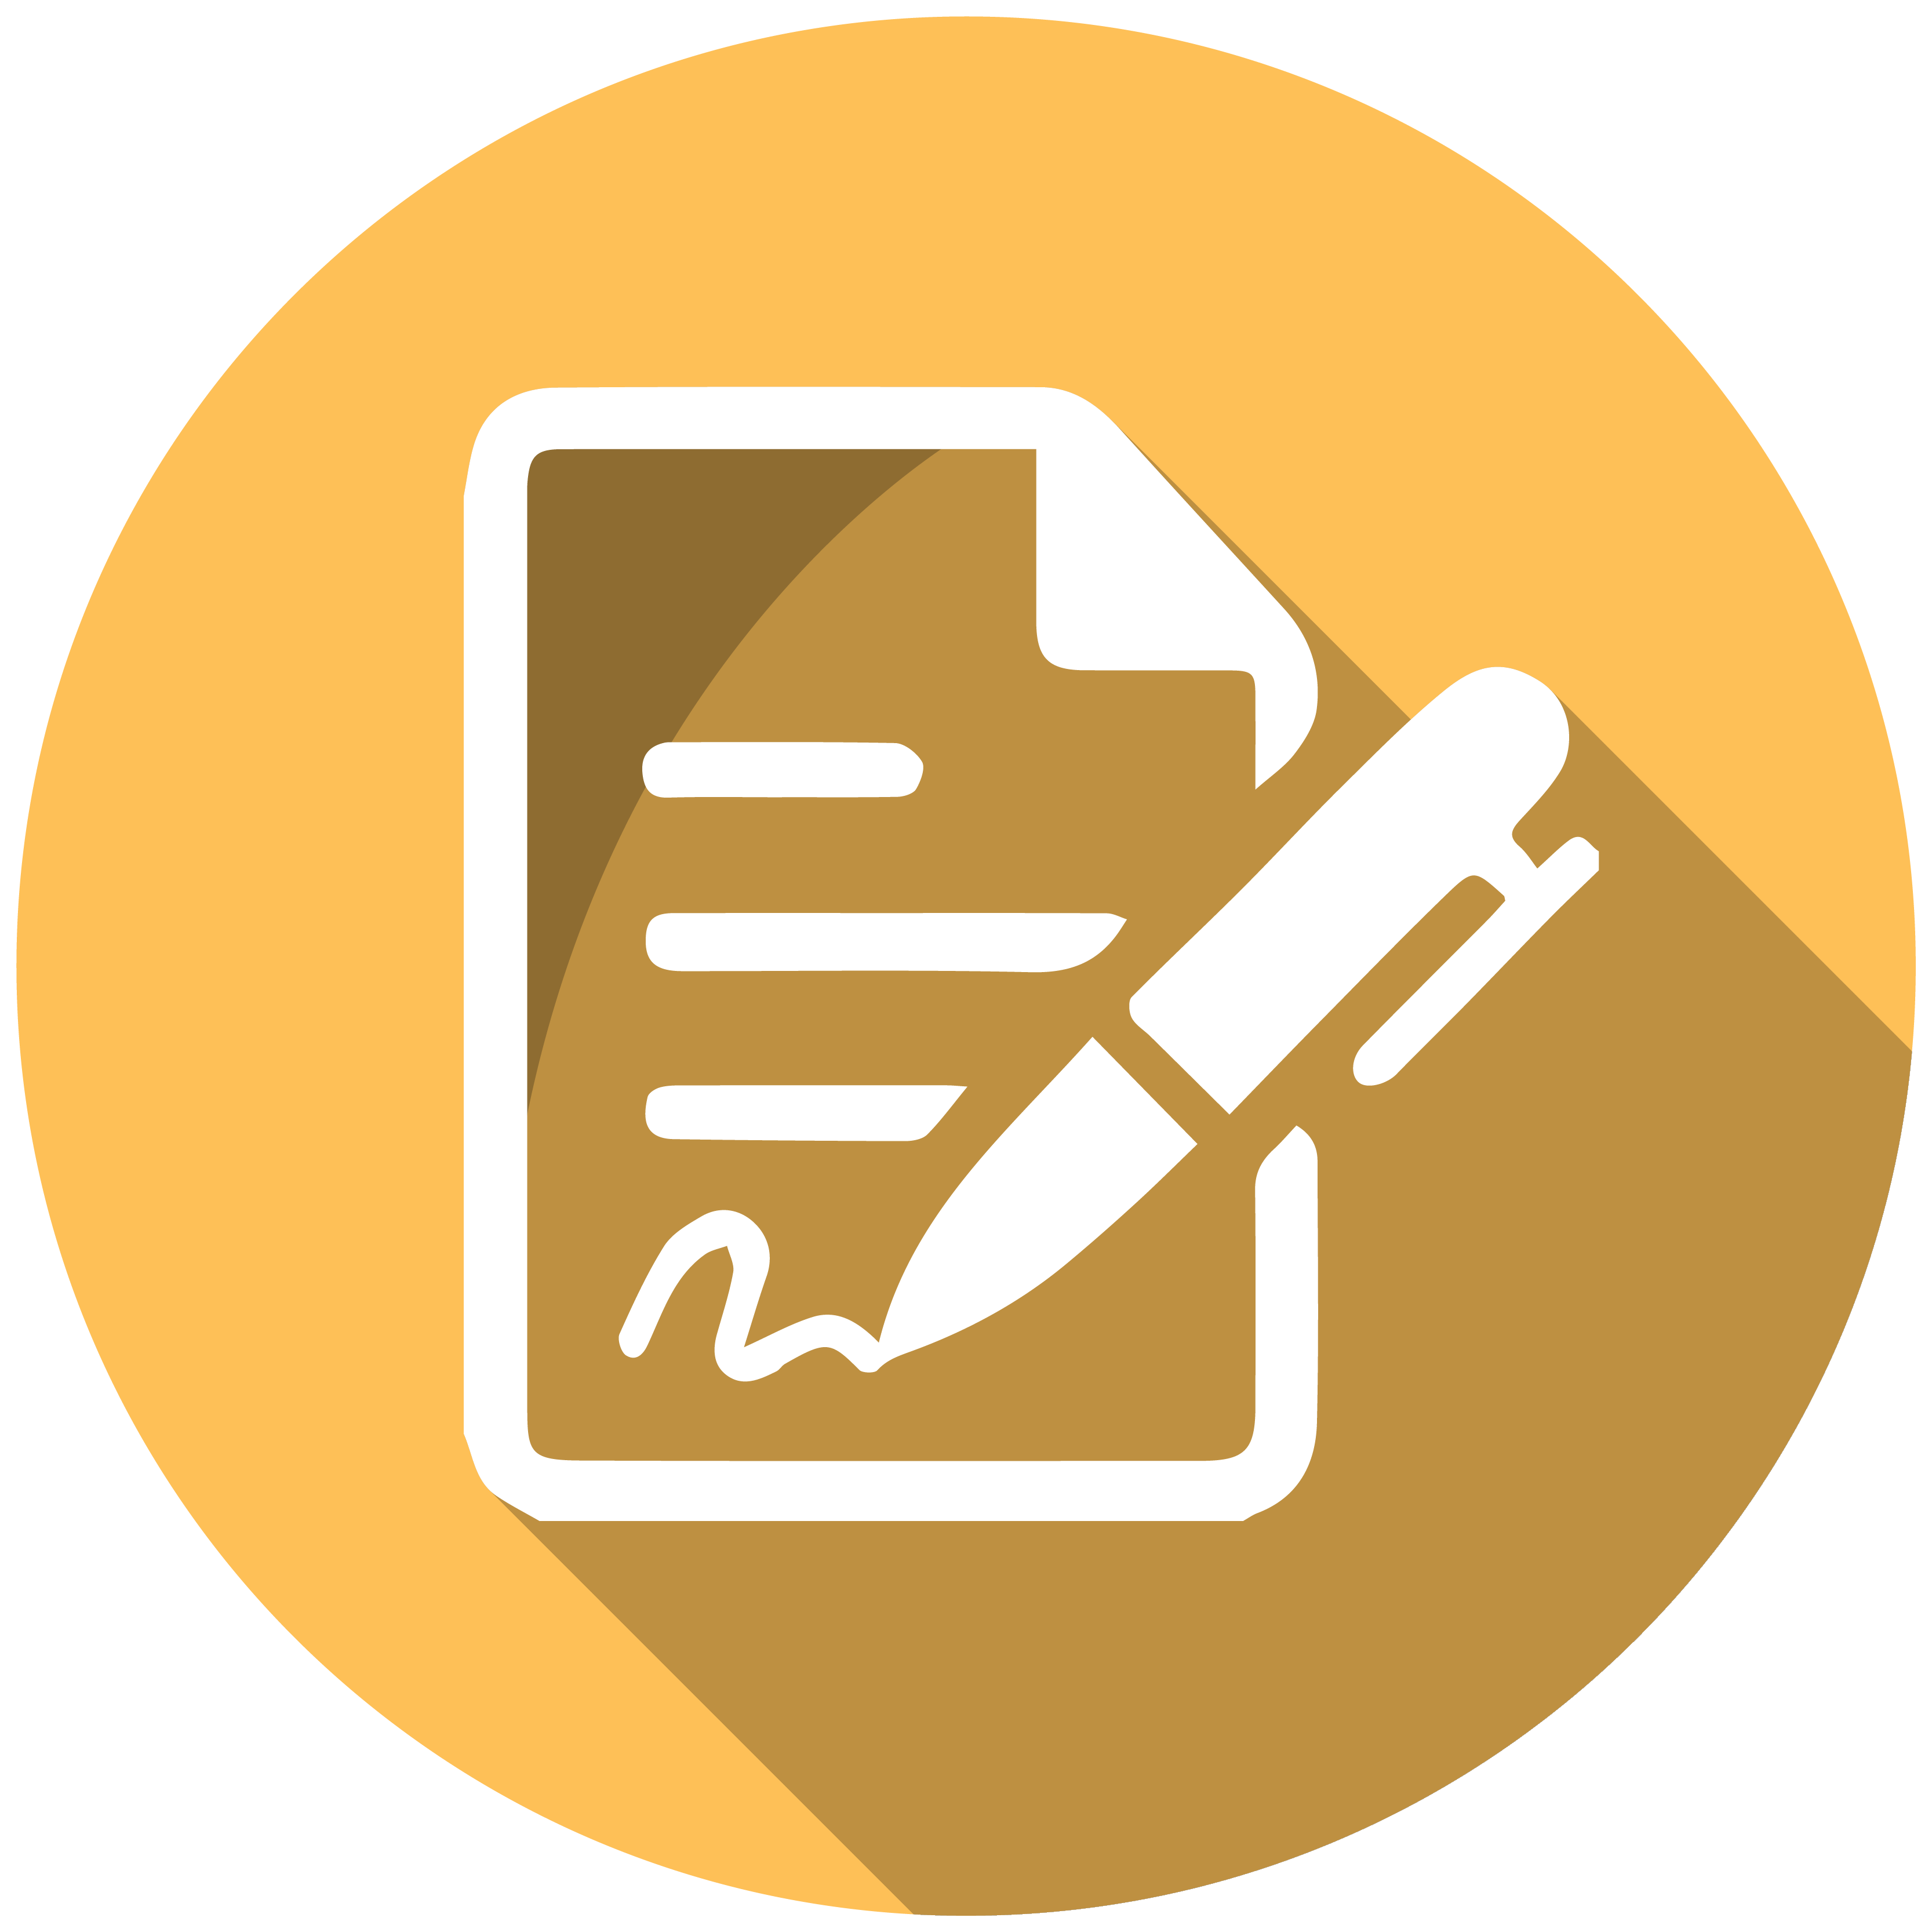 دانلود فایل کامل پرسشنامه سبکهای نفوذ و تاثیرگذاری